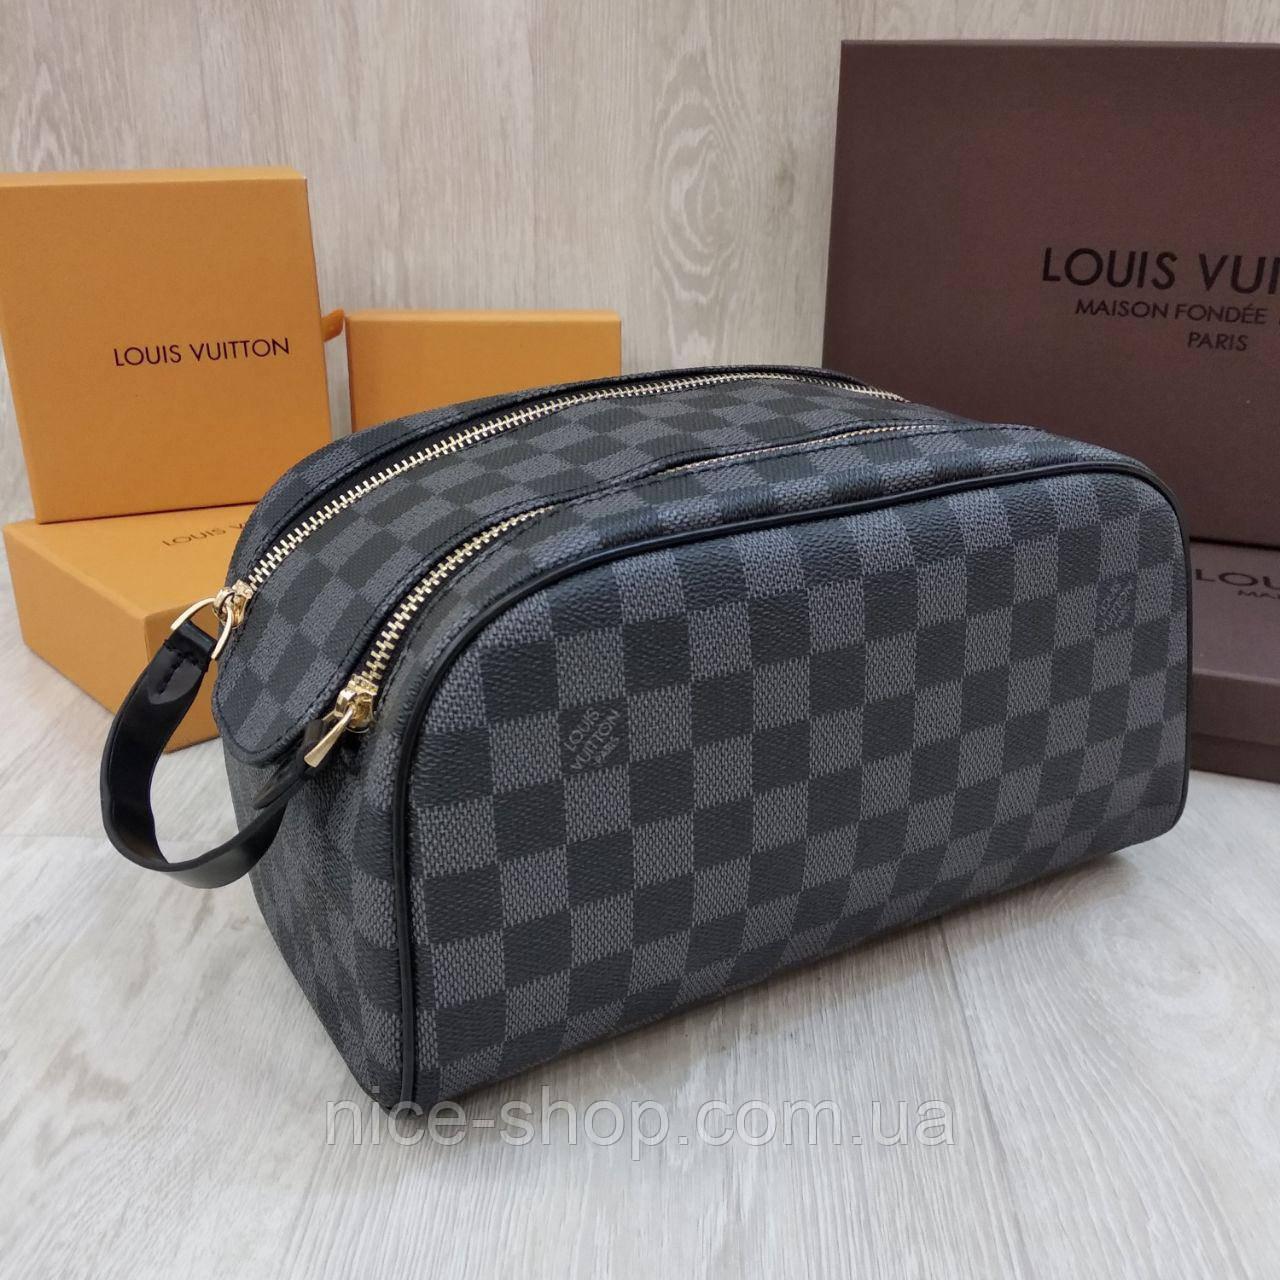 Барсетка Louis Vuitton серая в клетку, 2 молнии